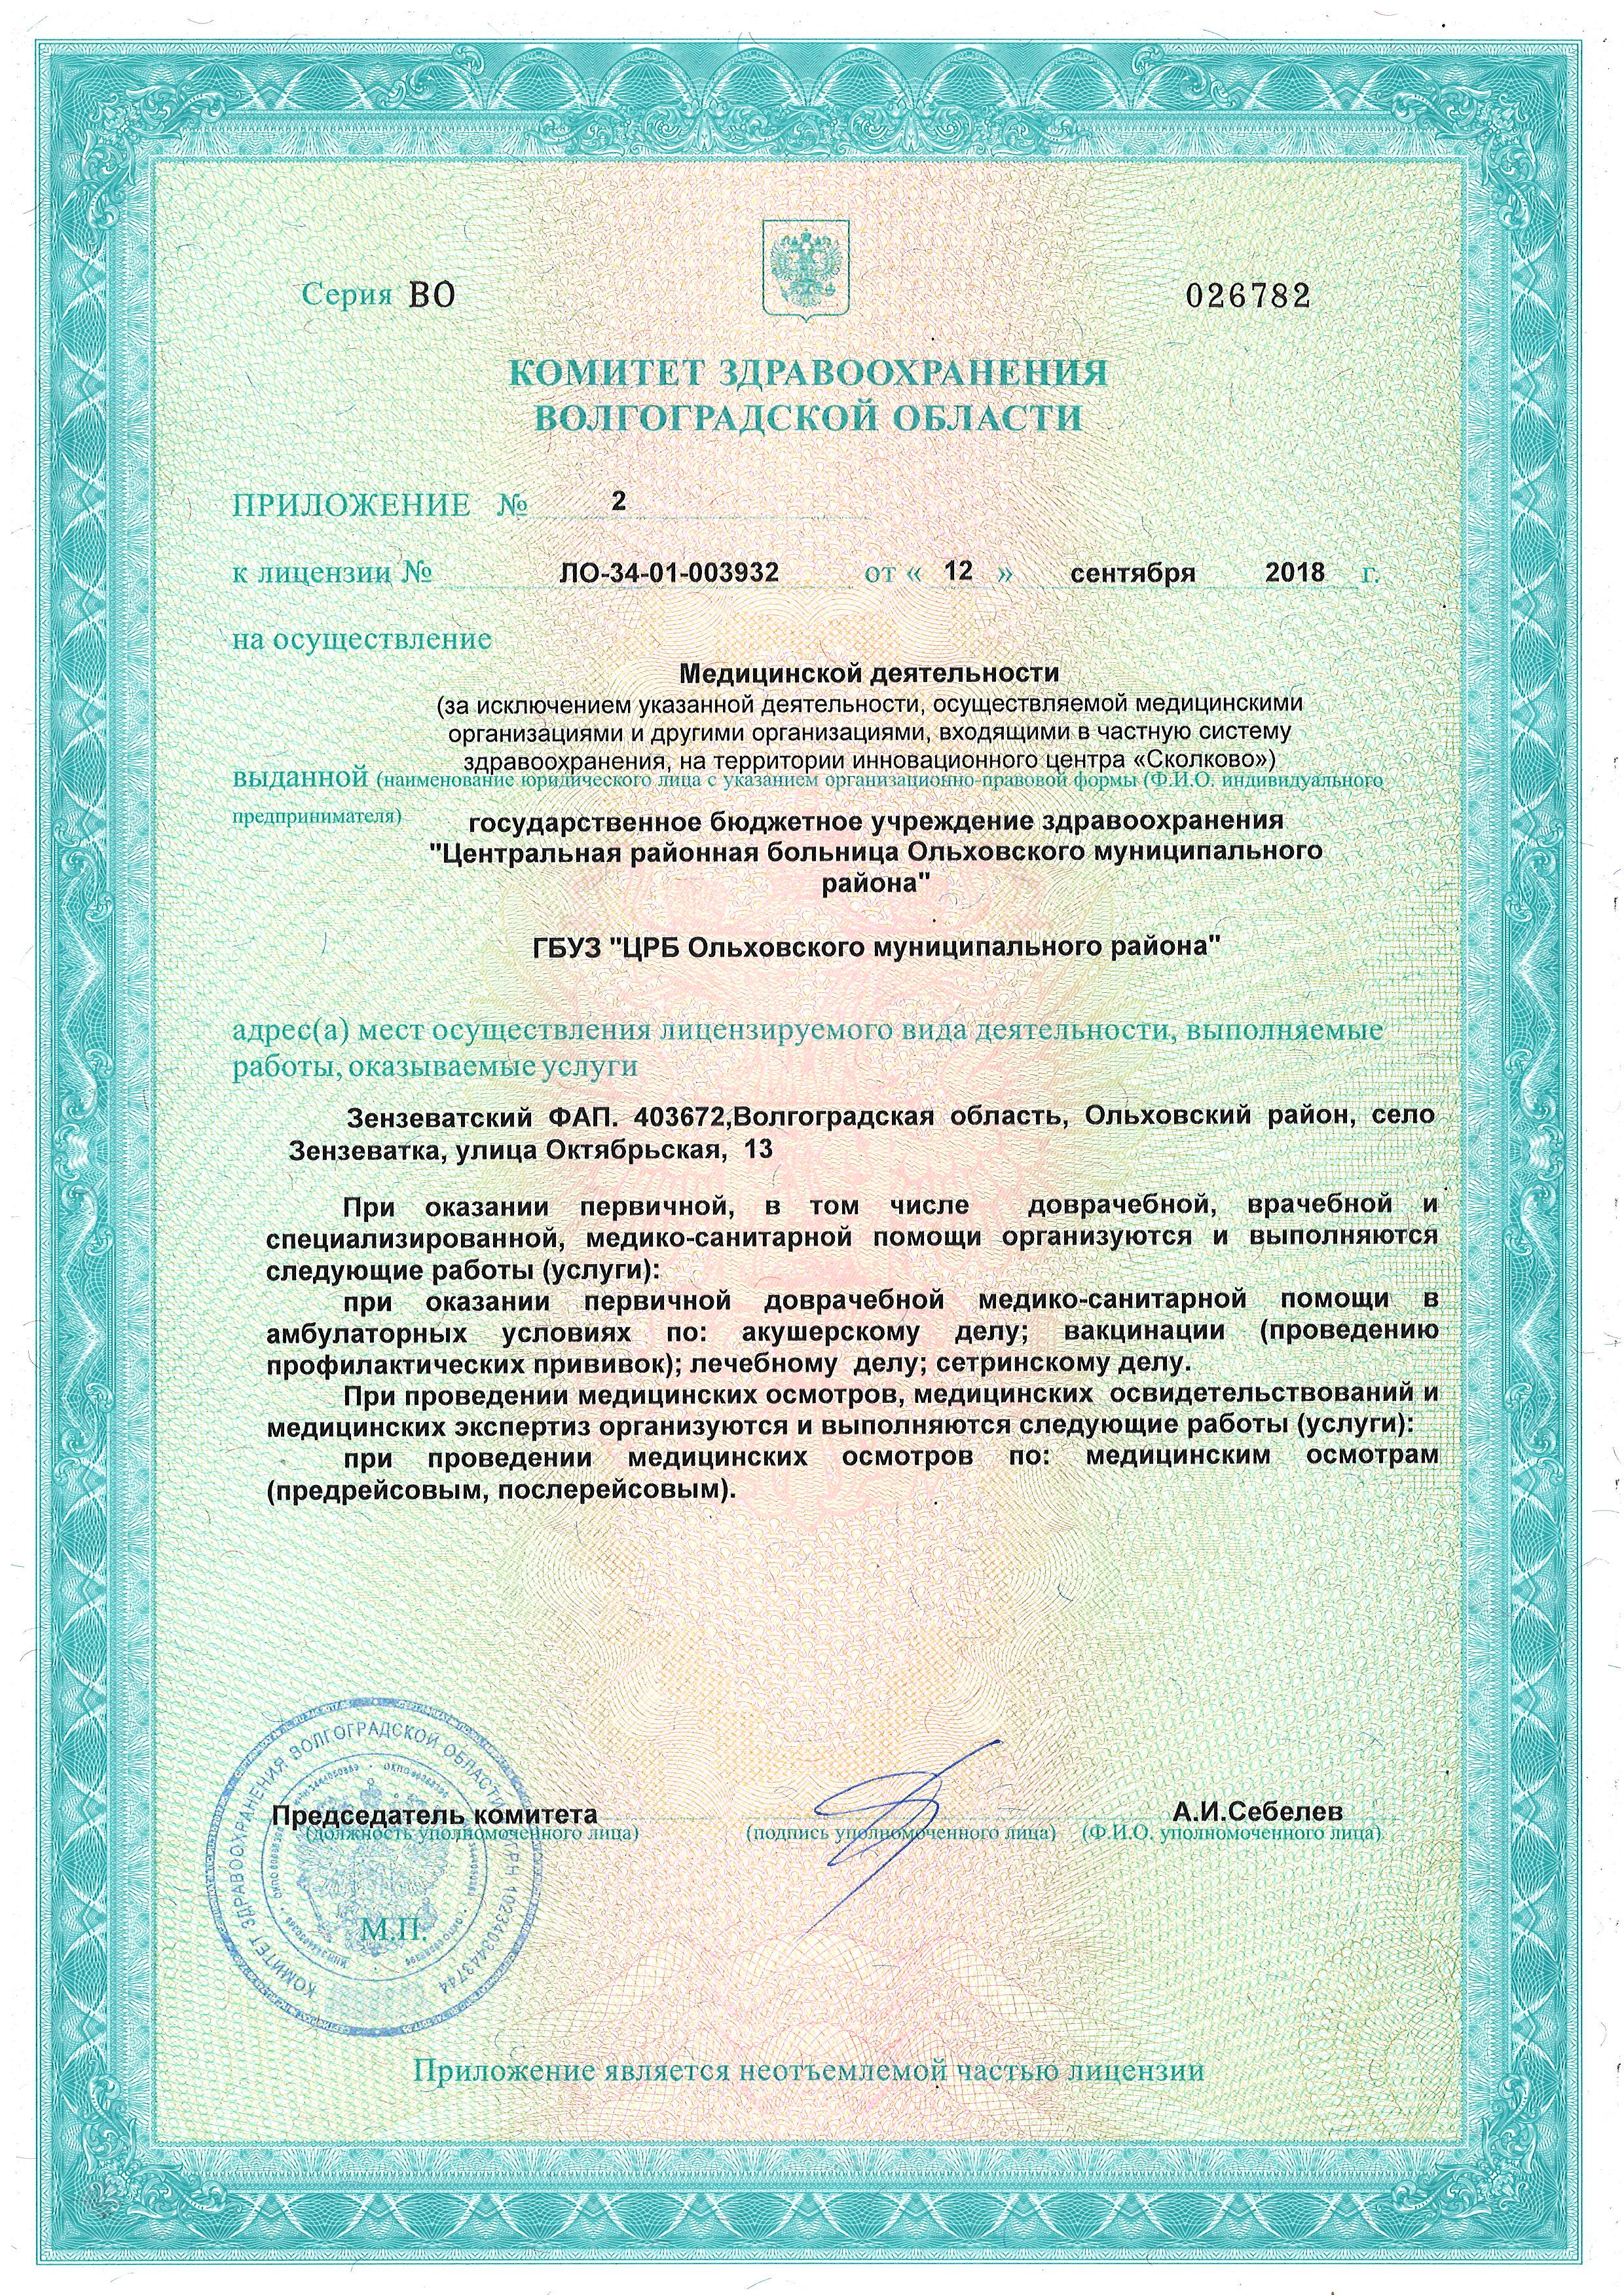 медицинская лицензия на предрейсовые осмотры